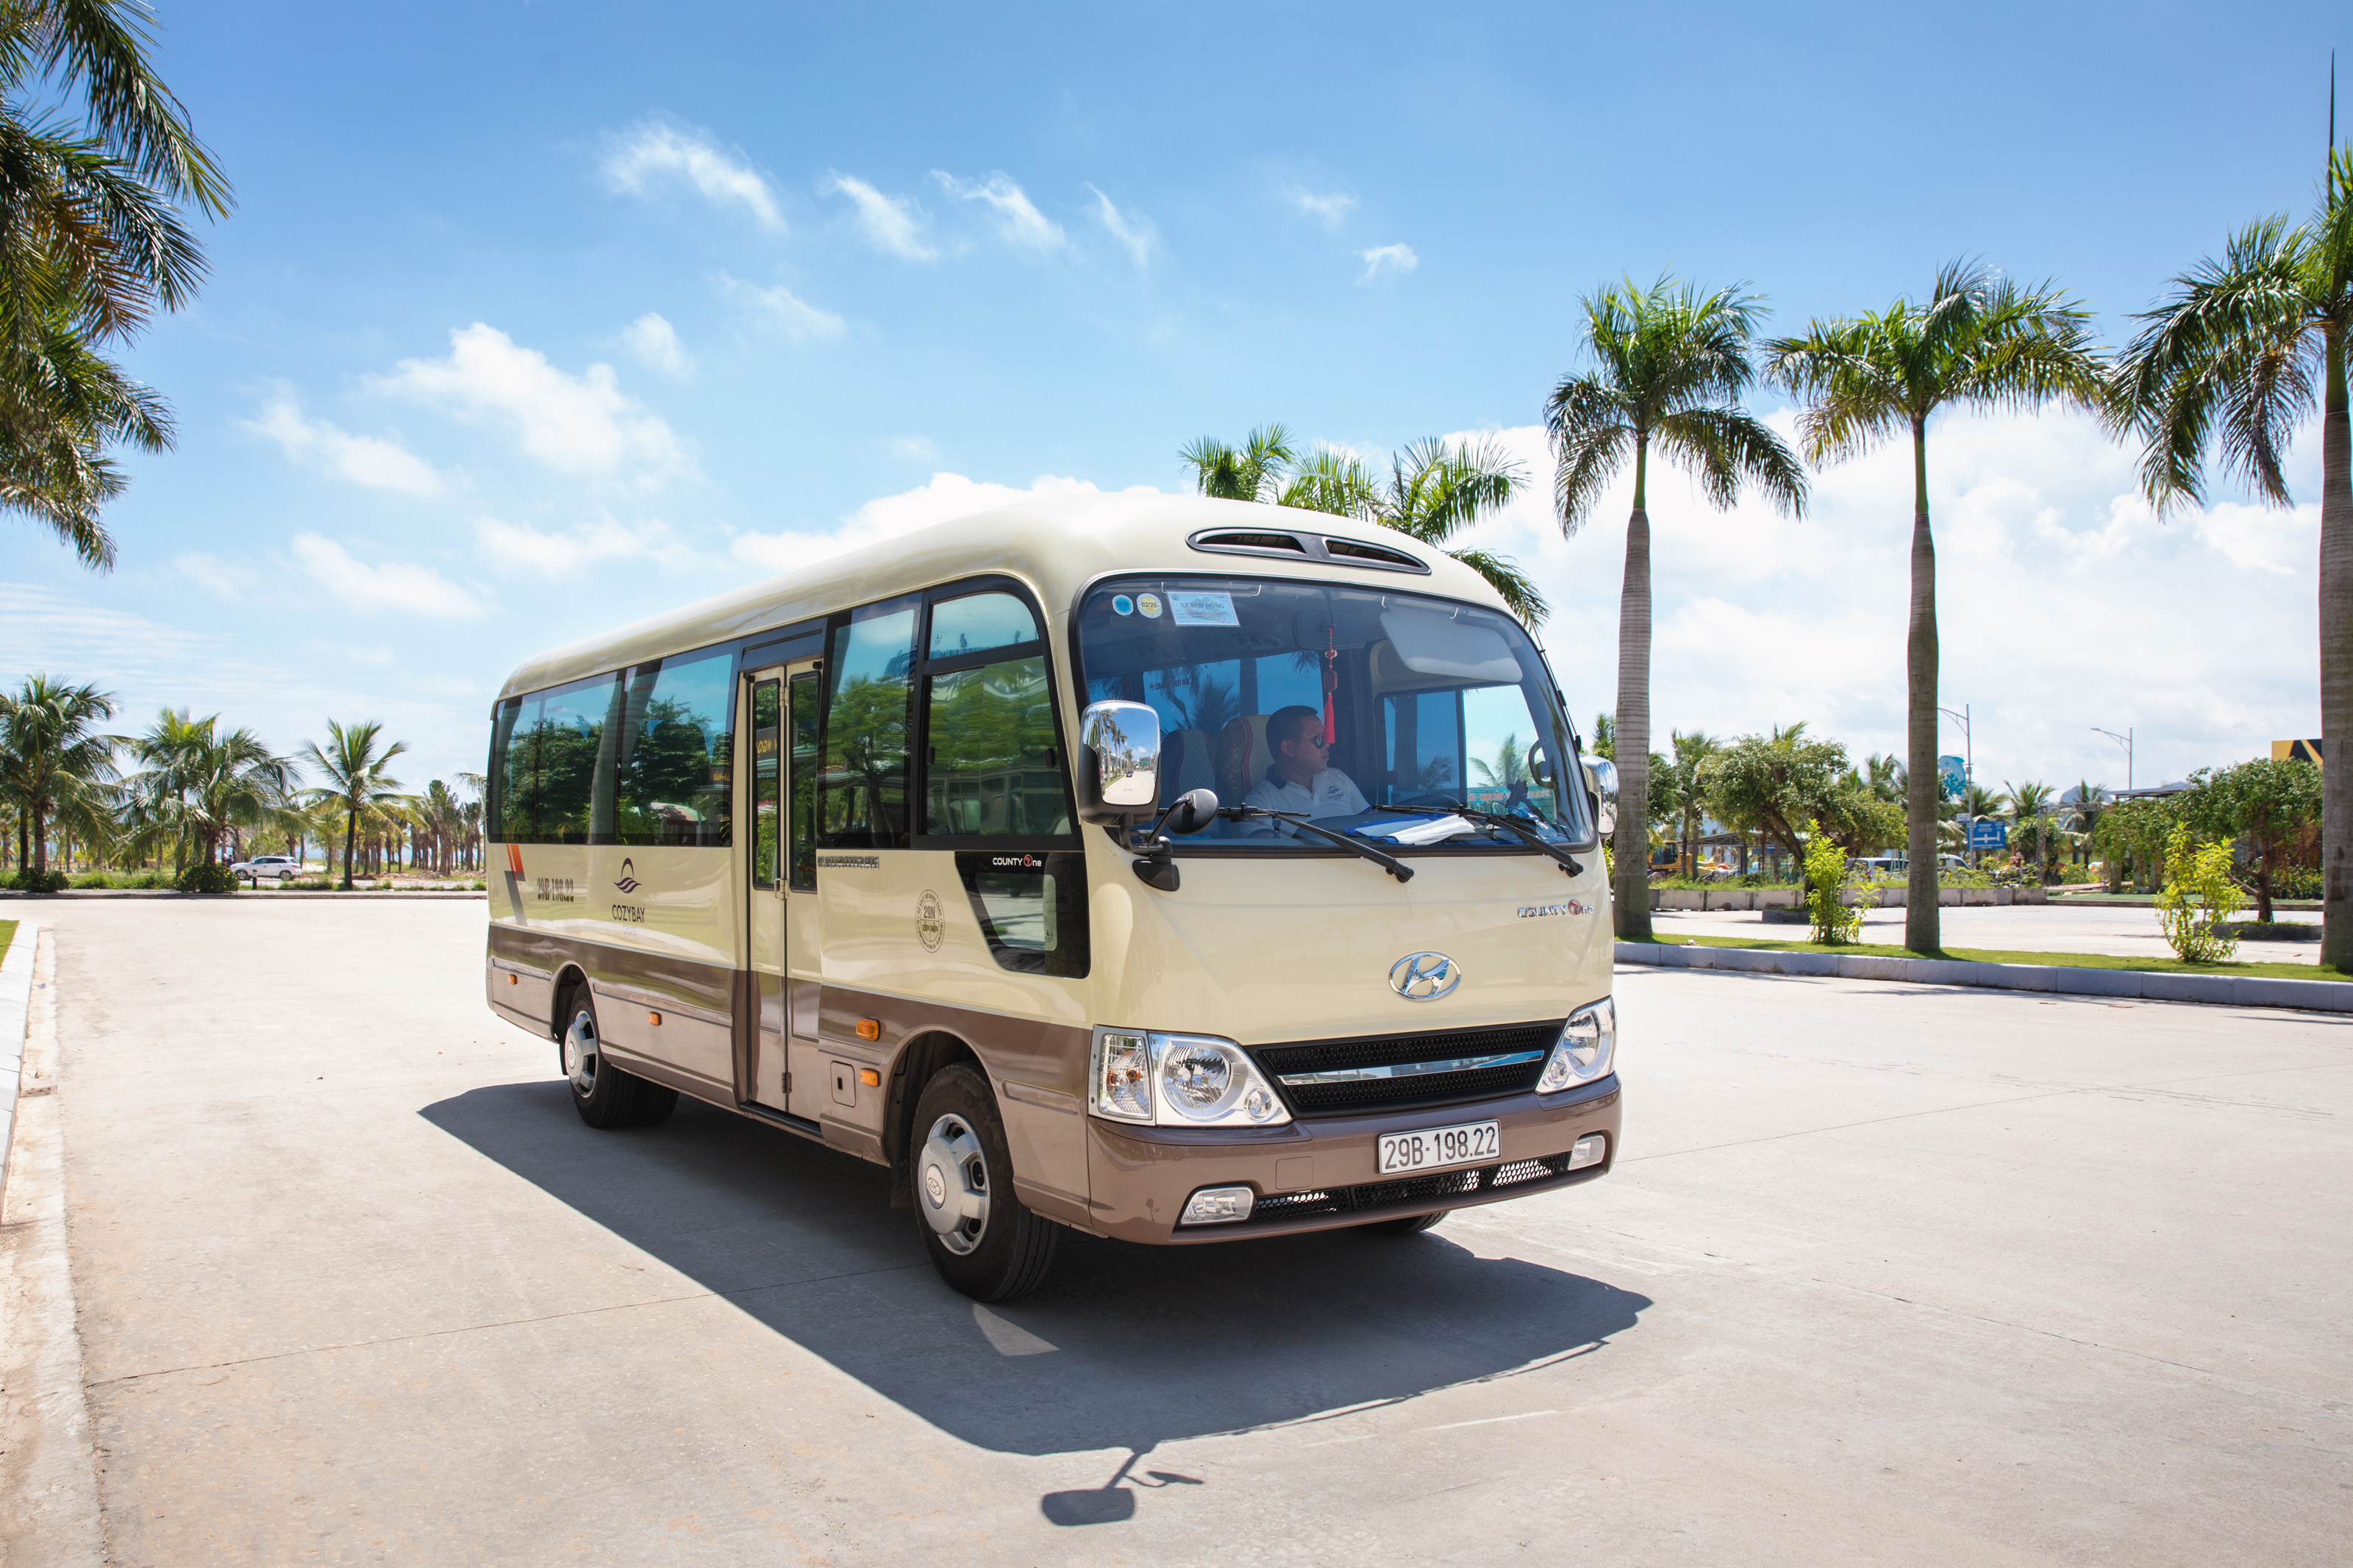 Cozy Bay Cruise, halong bay shuttle bus